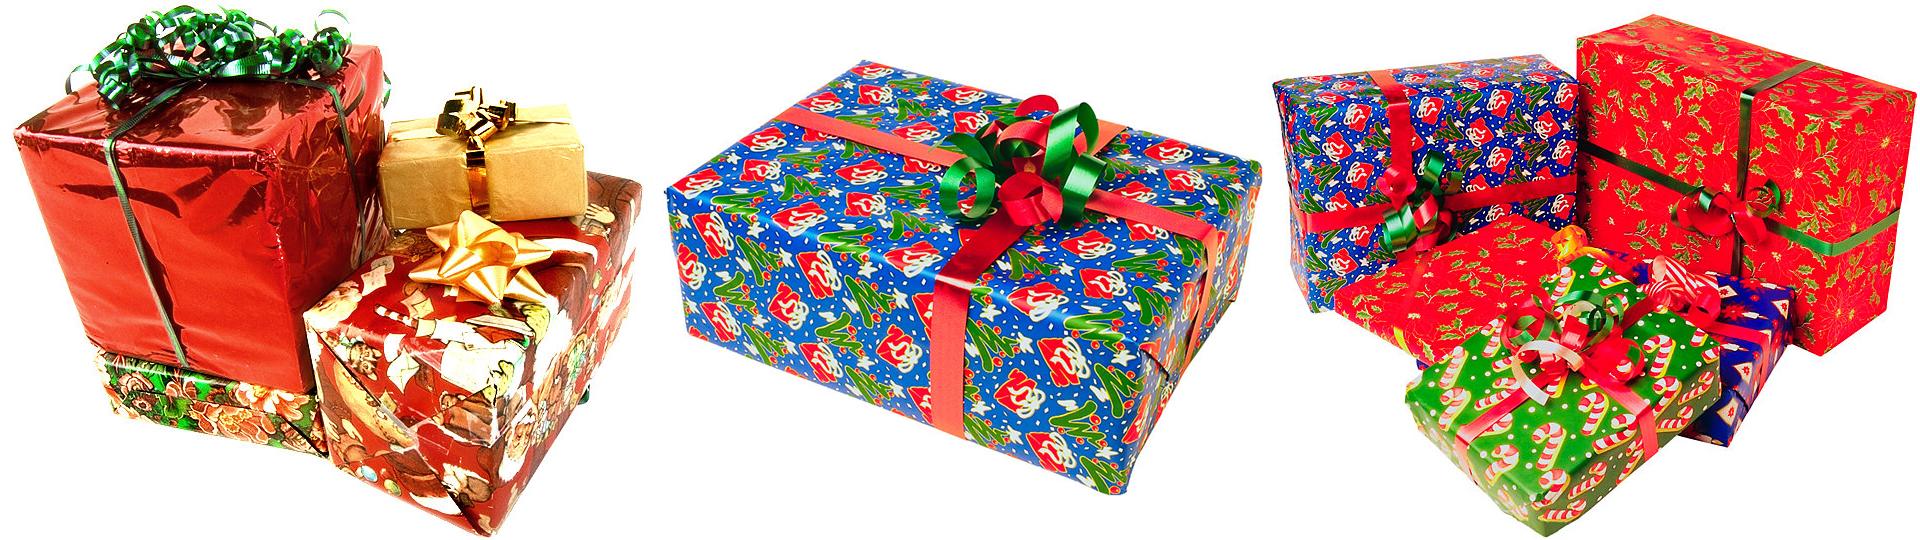 Wer Bringt Weihnachtsgeschenke In Spanien.Weihnachten Heiliger Abend